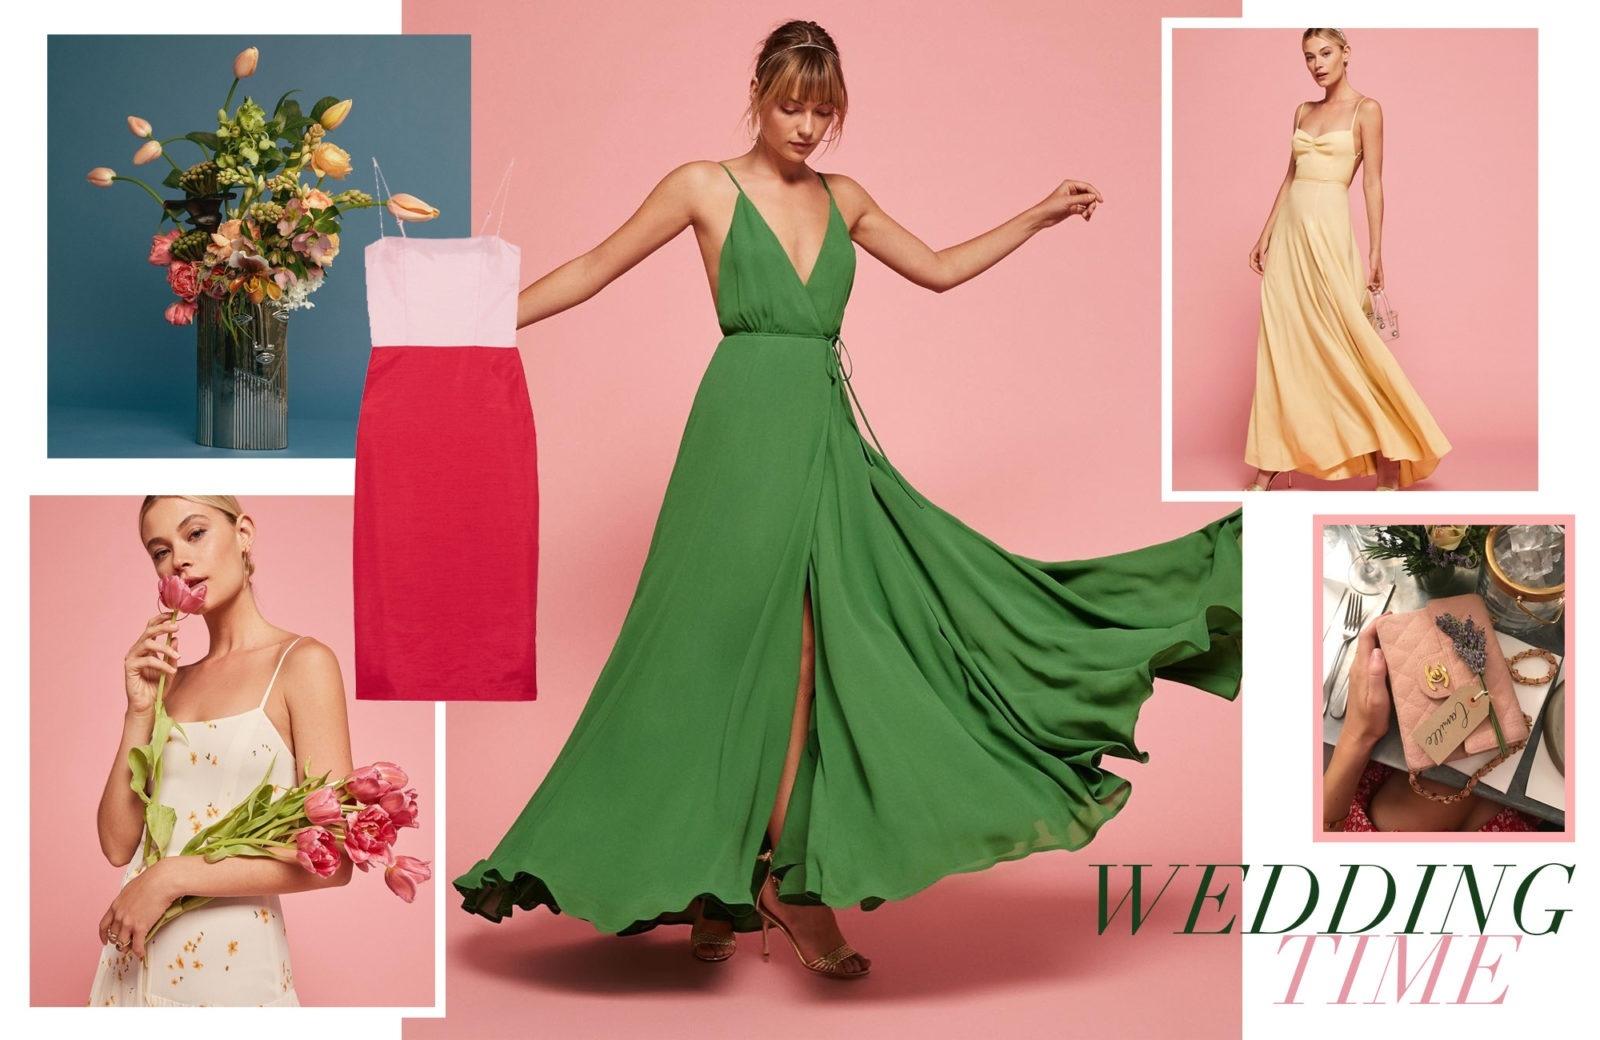 Abend Elegant Kleid Hochzeitsgast für 201913 Erstaunlich Kleid Hochzeitsgast Vertrieb